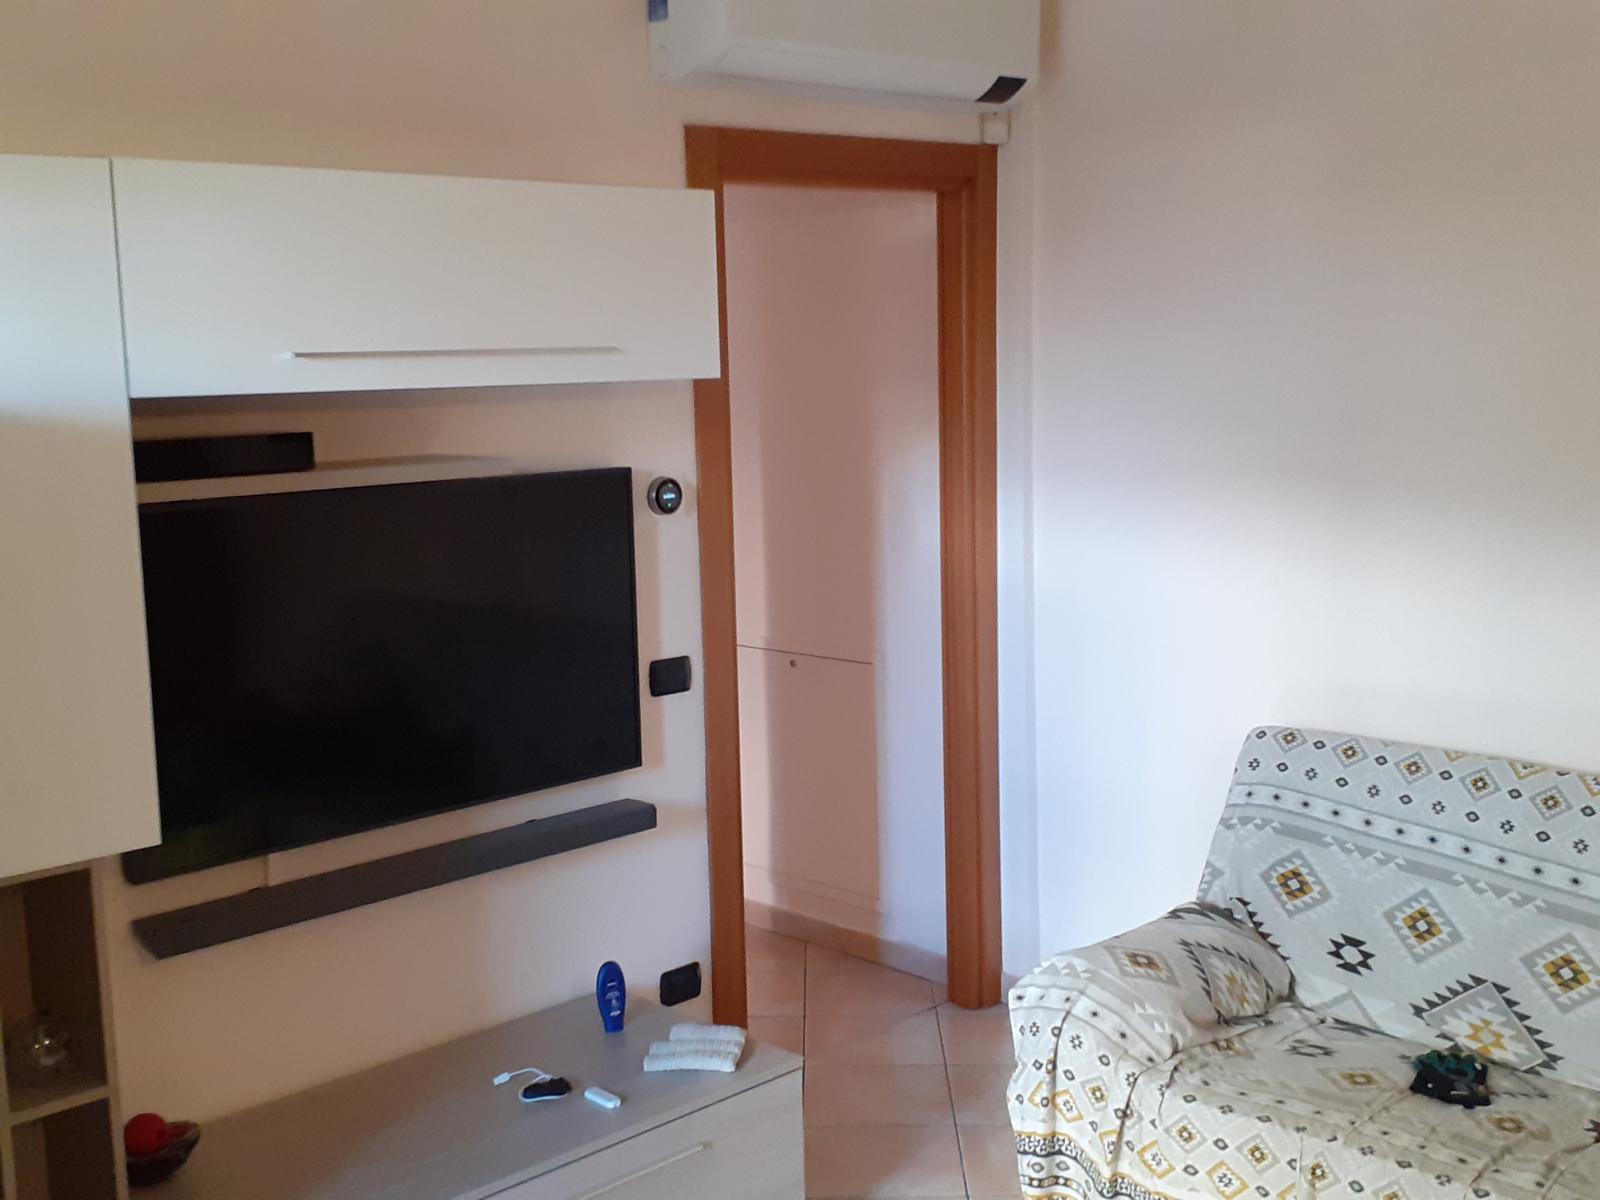 appartamento-in-vendita-a-trezzano-sul-naviglio-milano-2-locali-spaziourbano-immobiliare-vende-6